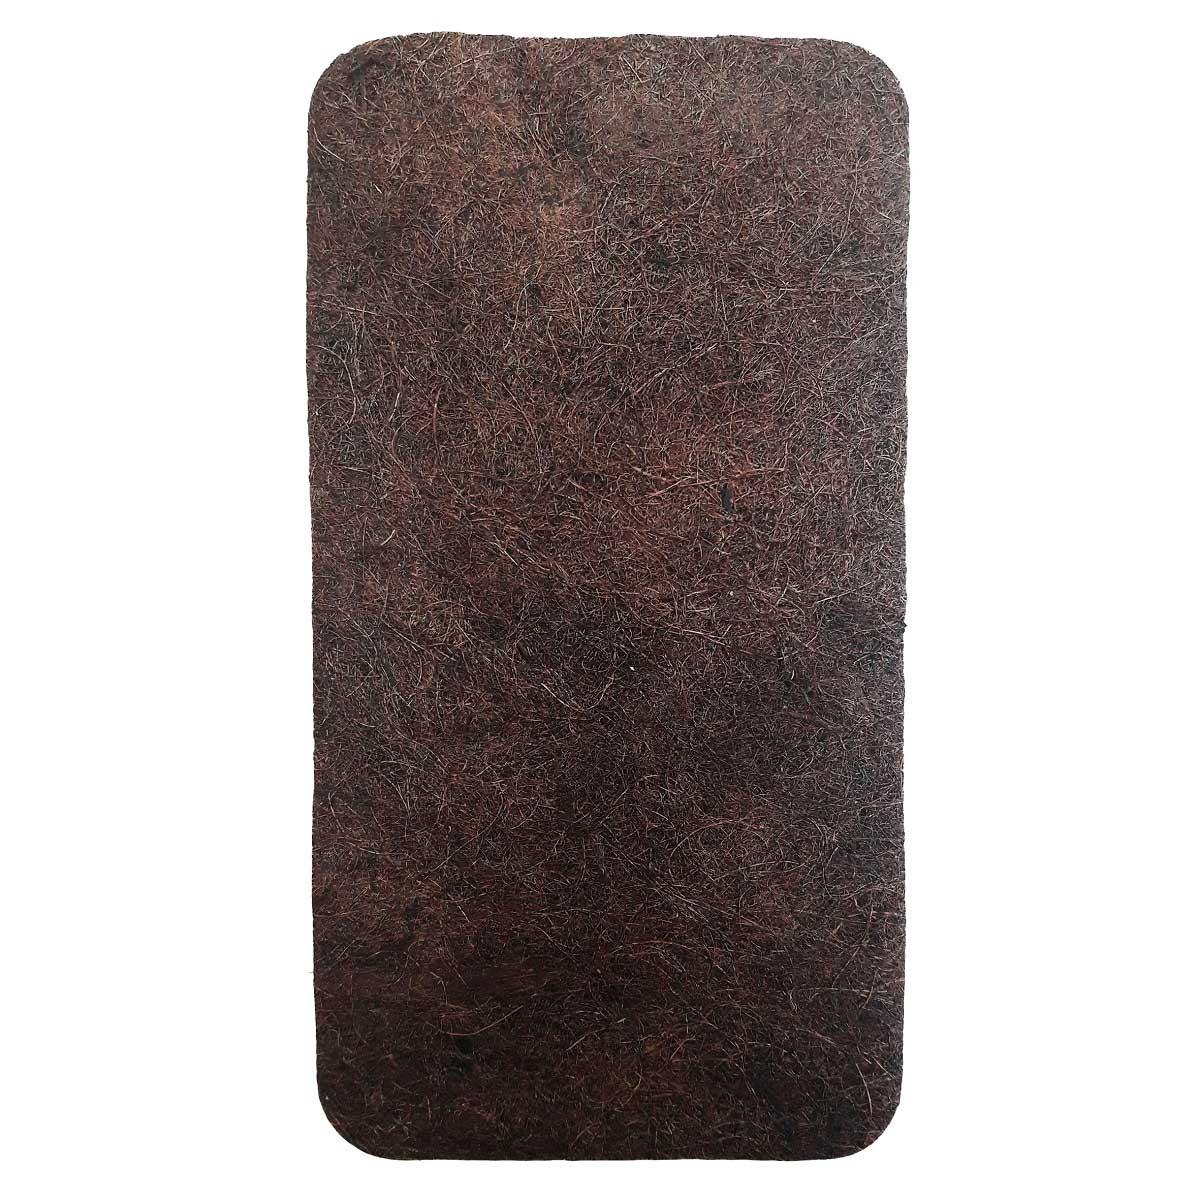 Placa Coquim 20x40cm em Fibra de Coco - COQUIM